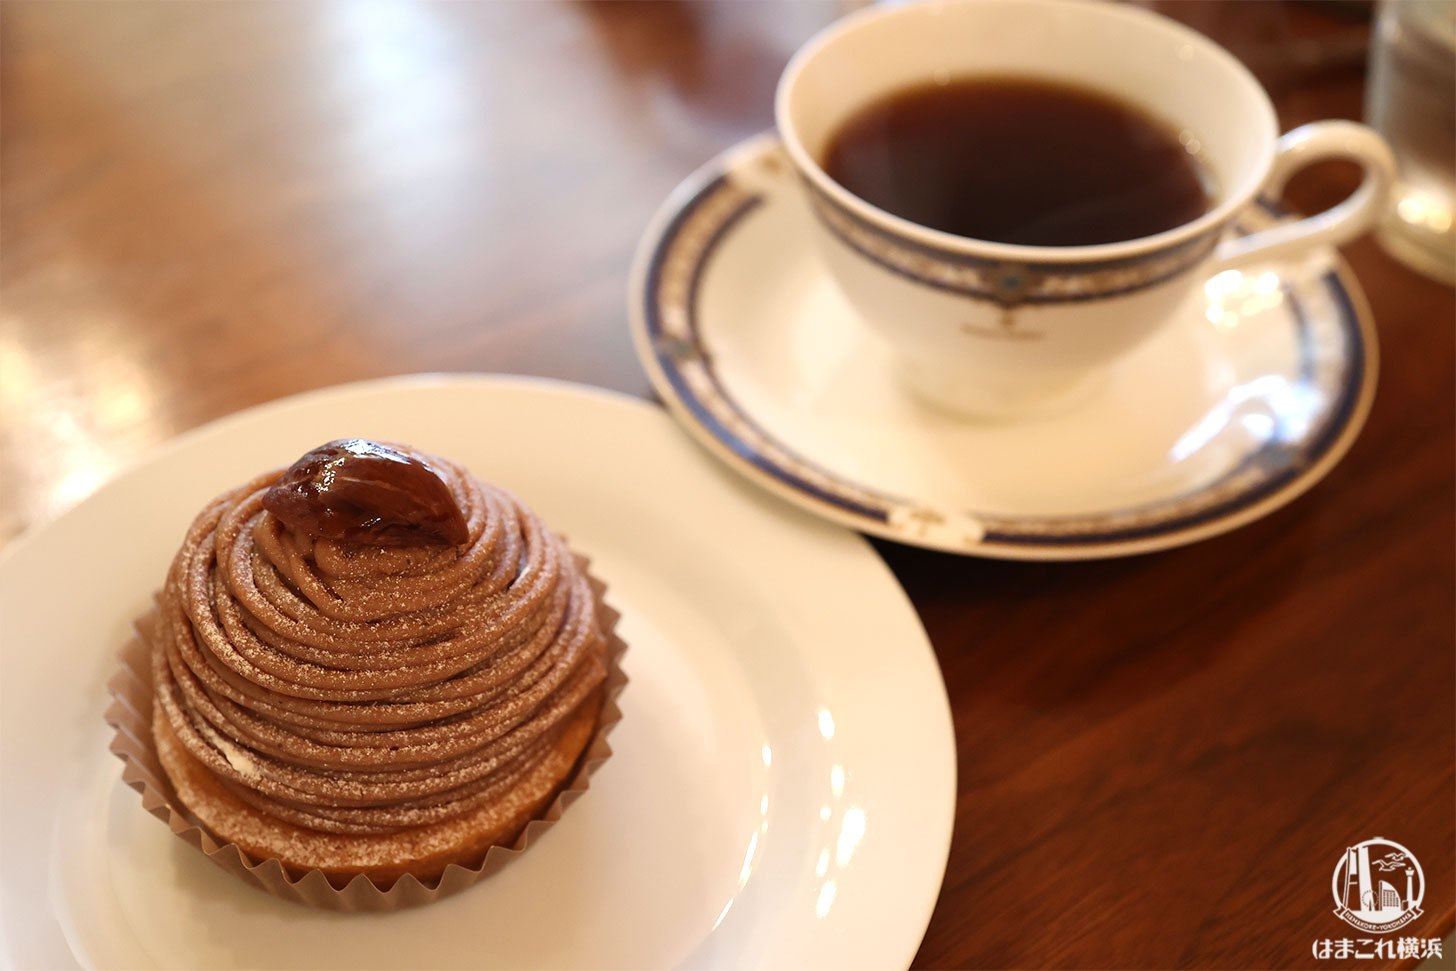 ナギコーヒーで焙煎の香りに包まれながらサイフォンの珈琲!横浜反町のお洒落カフェ